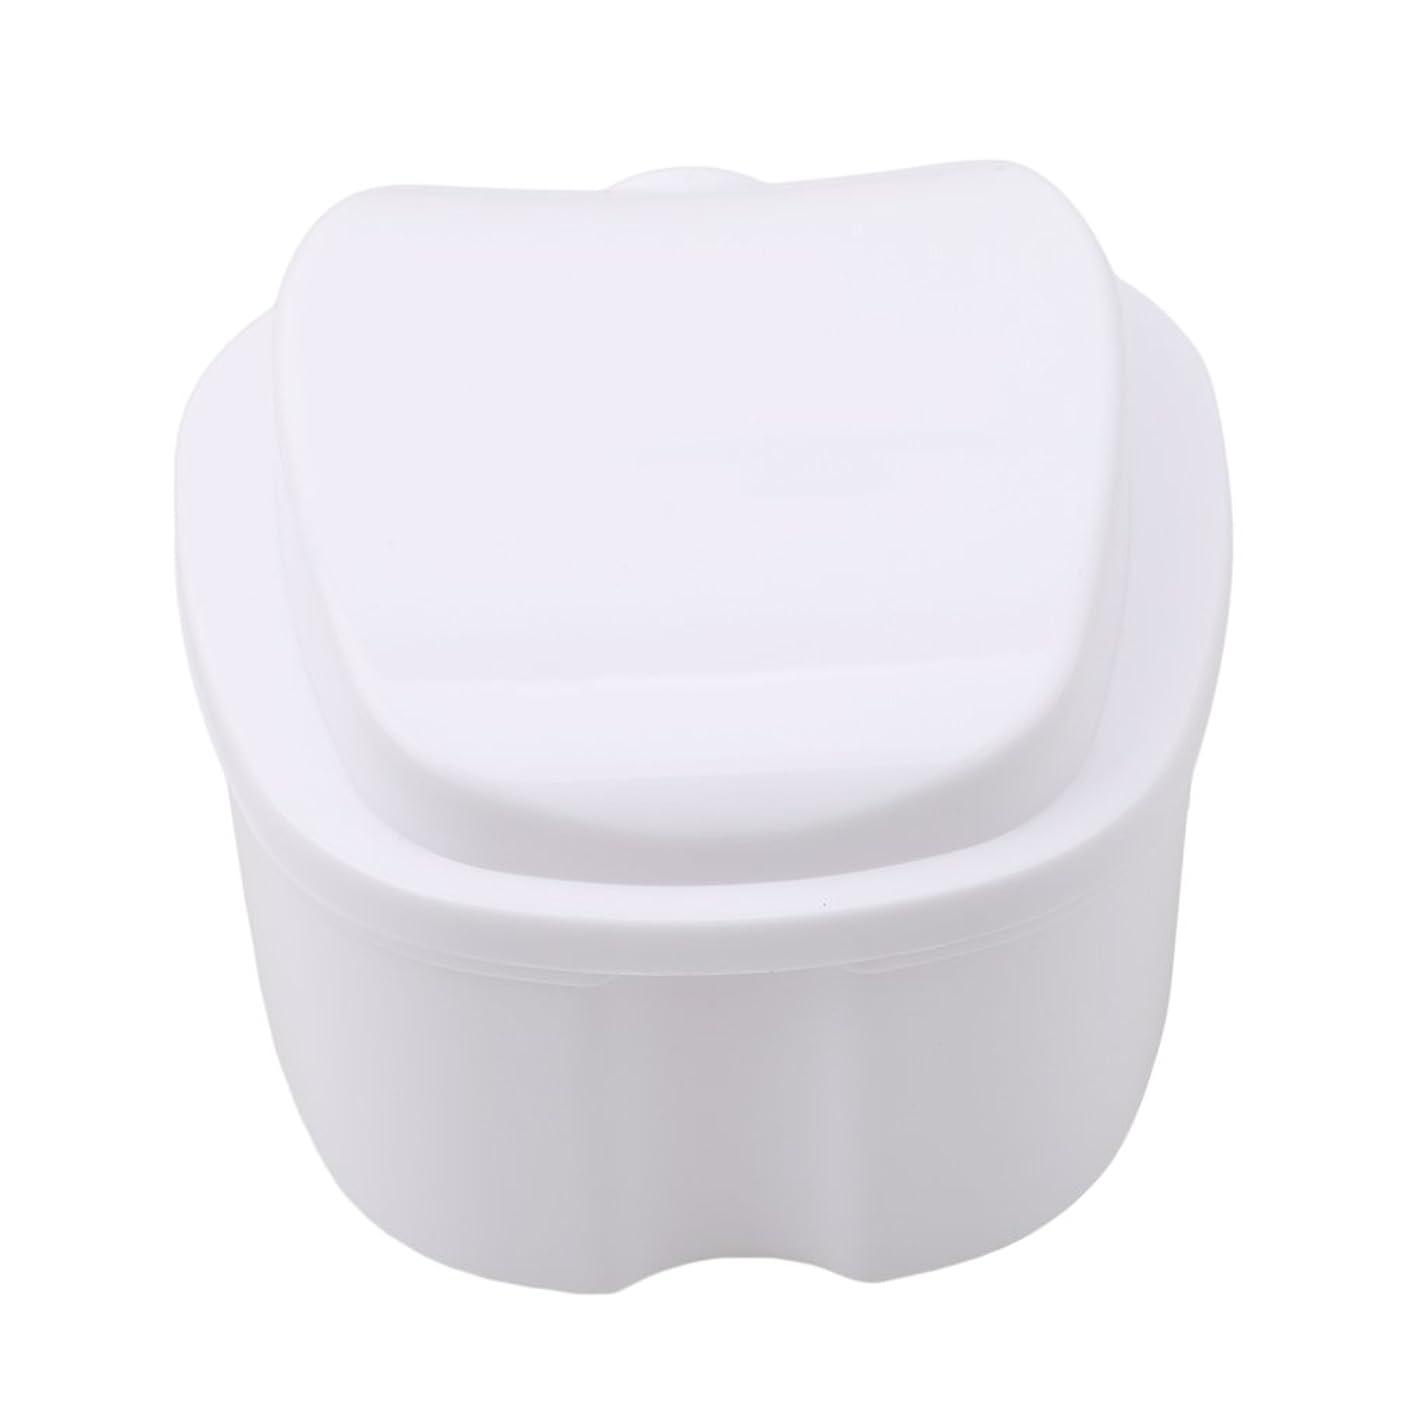 プロットスキッパー性格KLUMA 入れ歯ケース シールドケース 入れ歯キレイ保管ケース 義歯ケース 樹脂網付き リテーナー収納 全3色